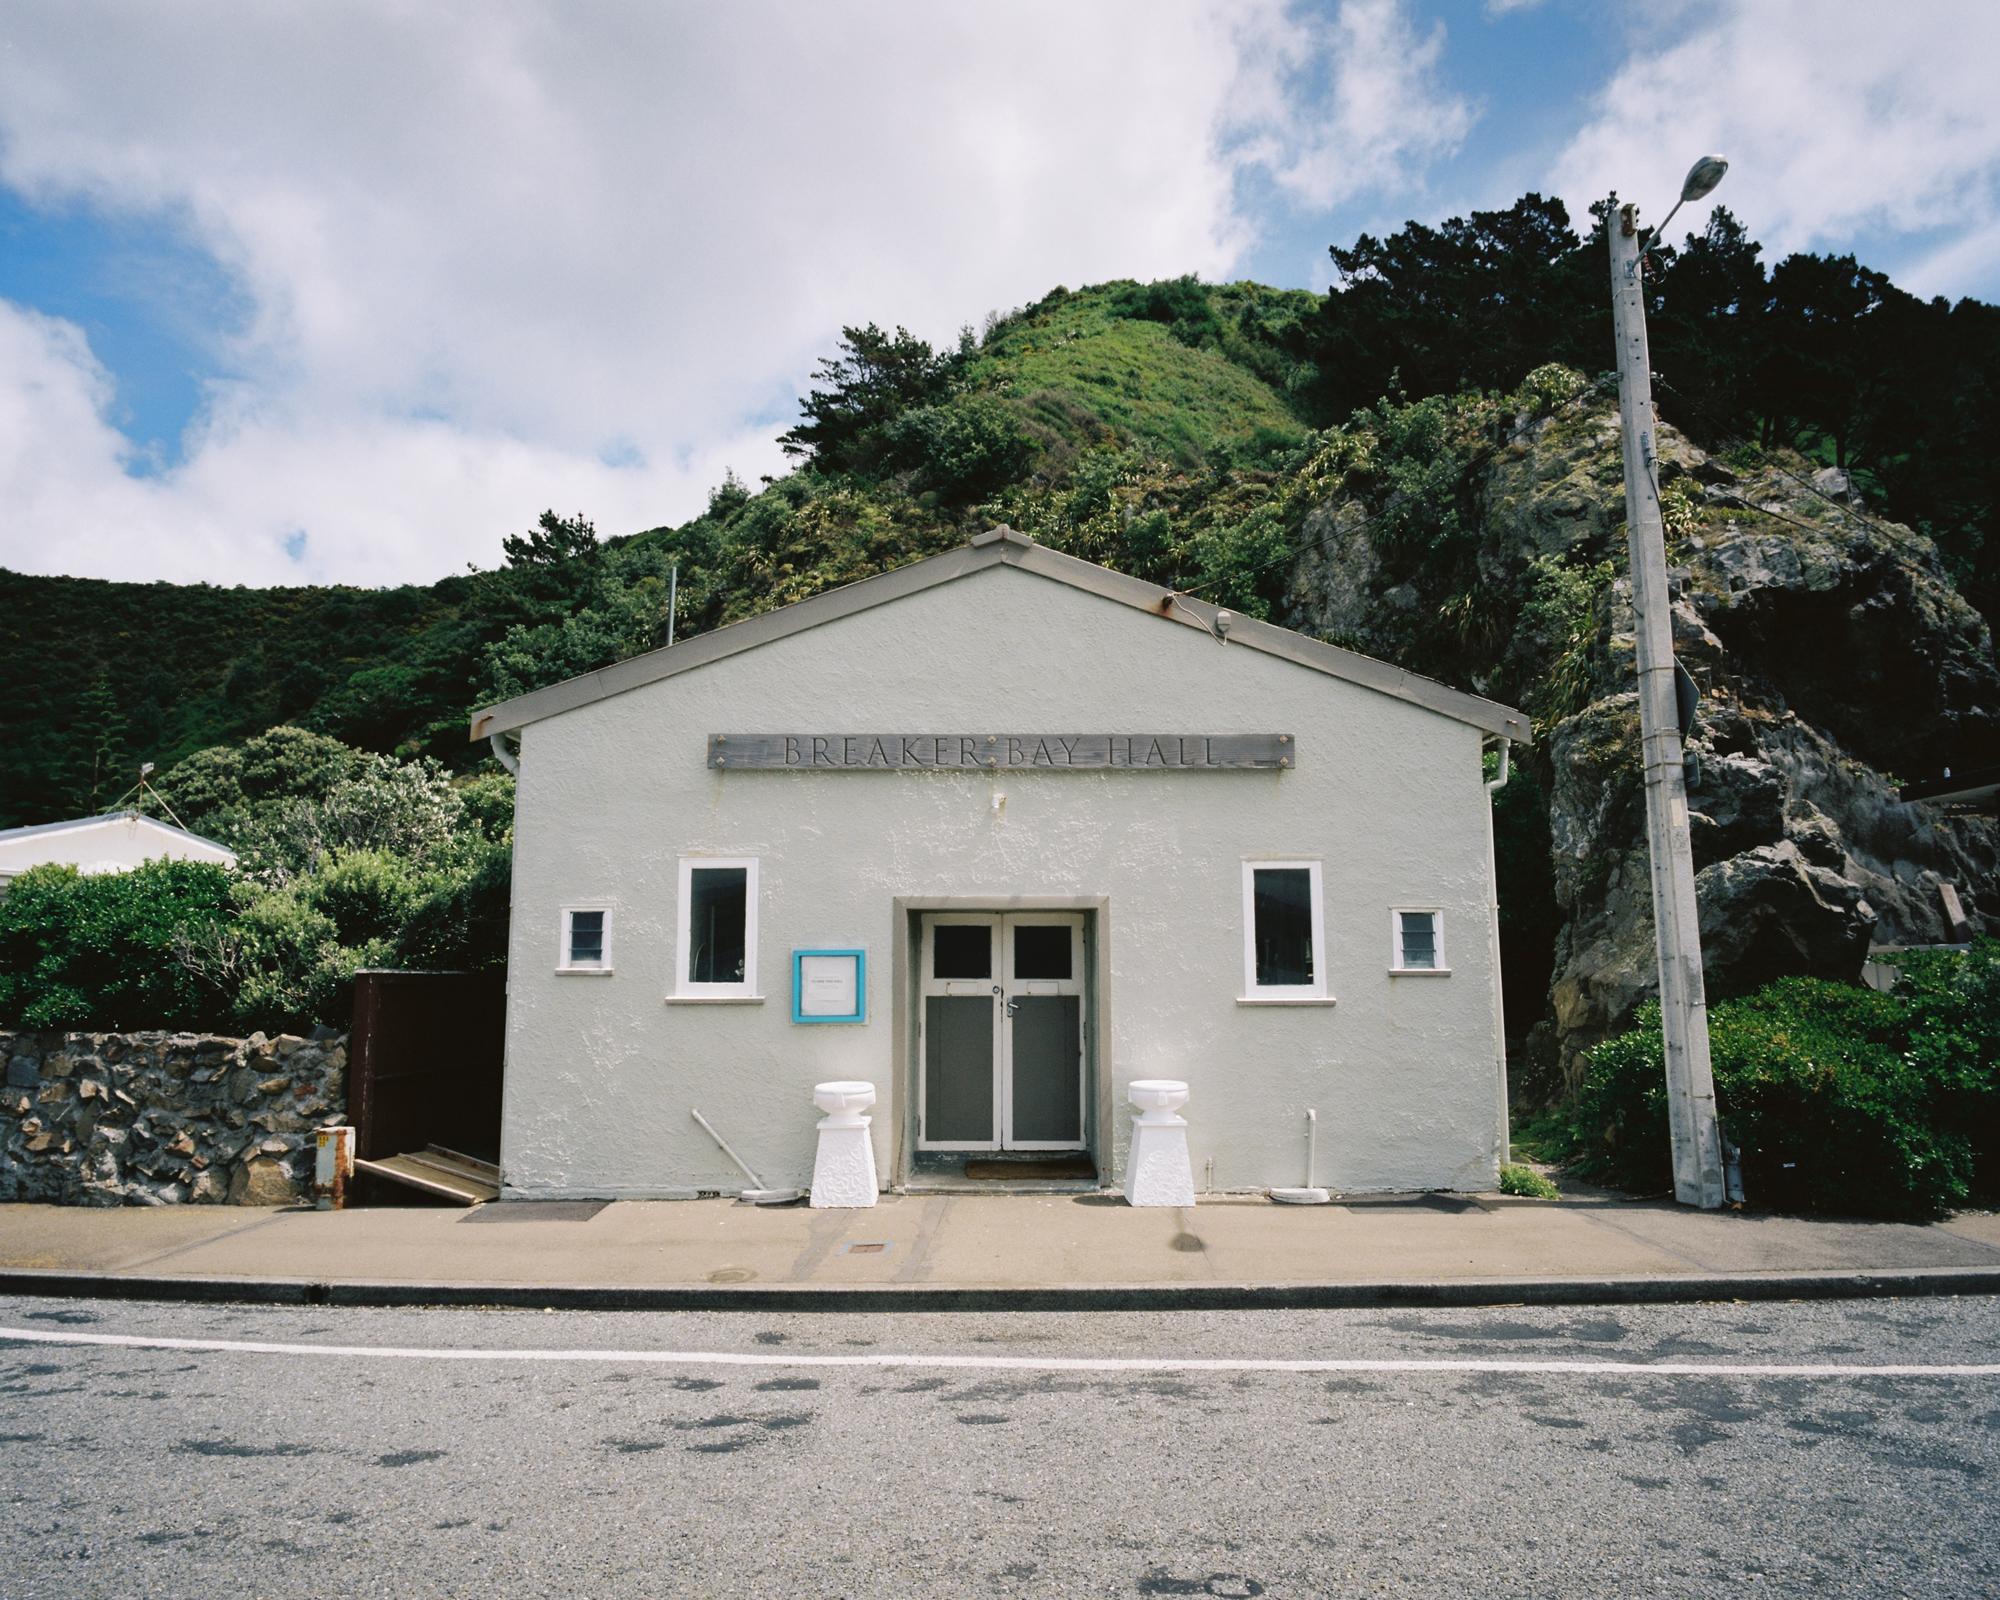 Breaker Bay Hall